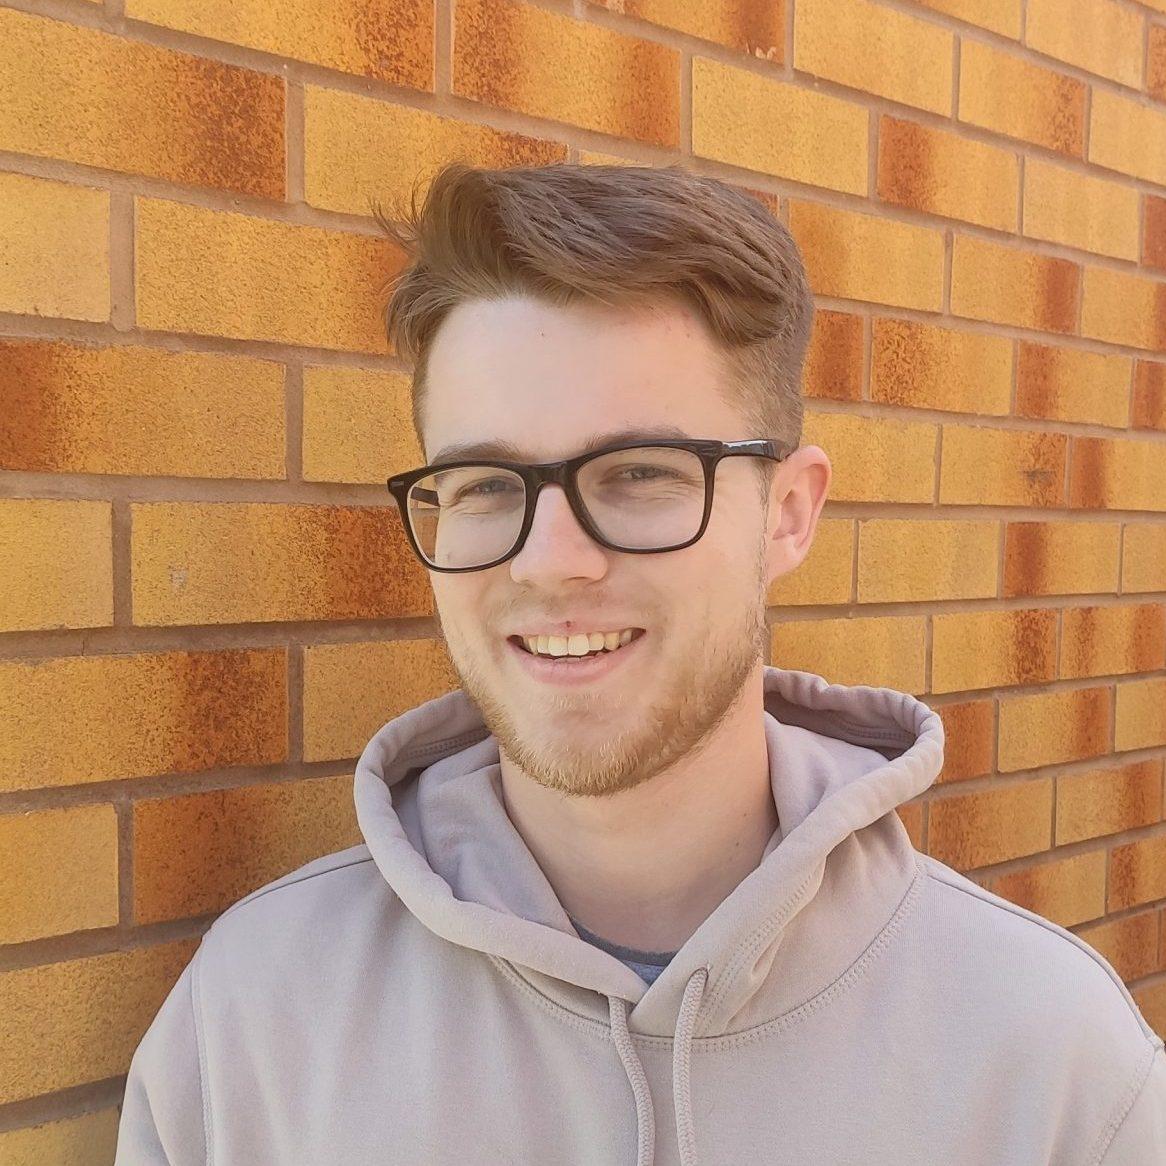 Matthew Austin,Junior Data Analyst